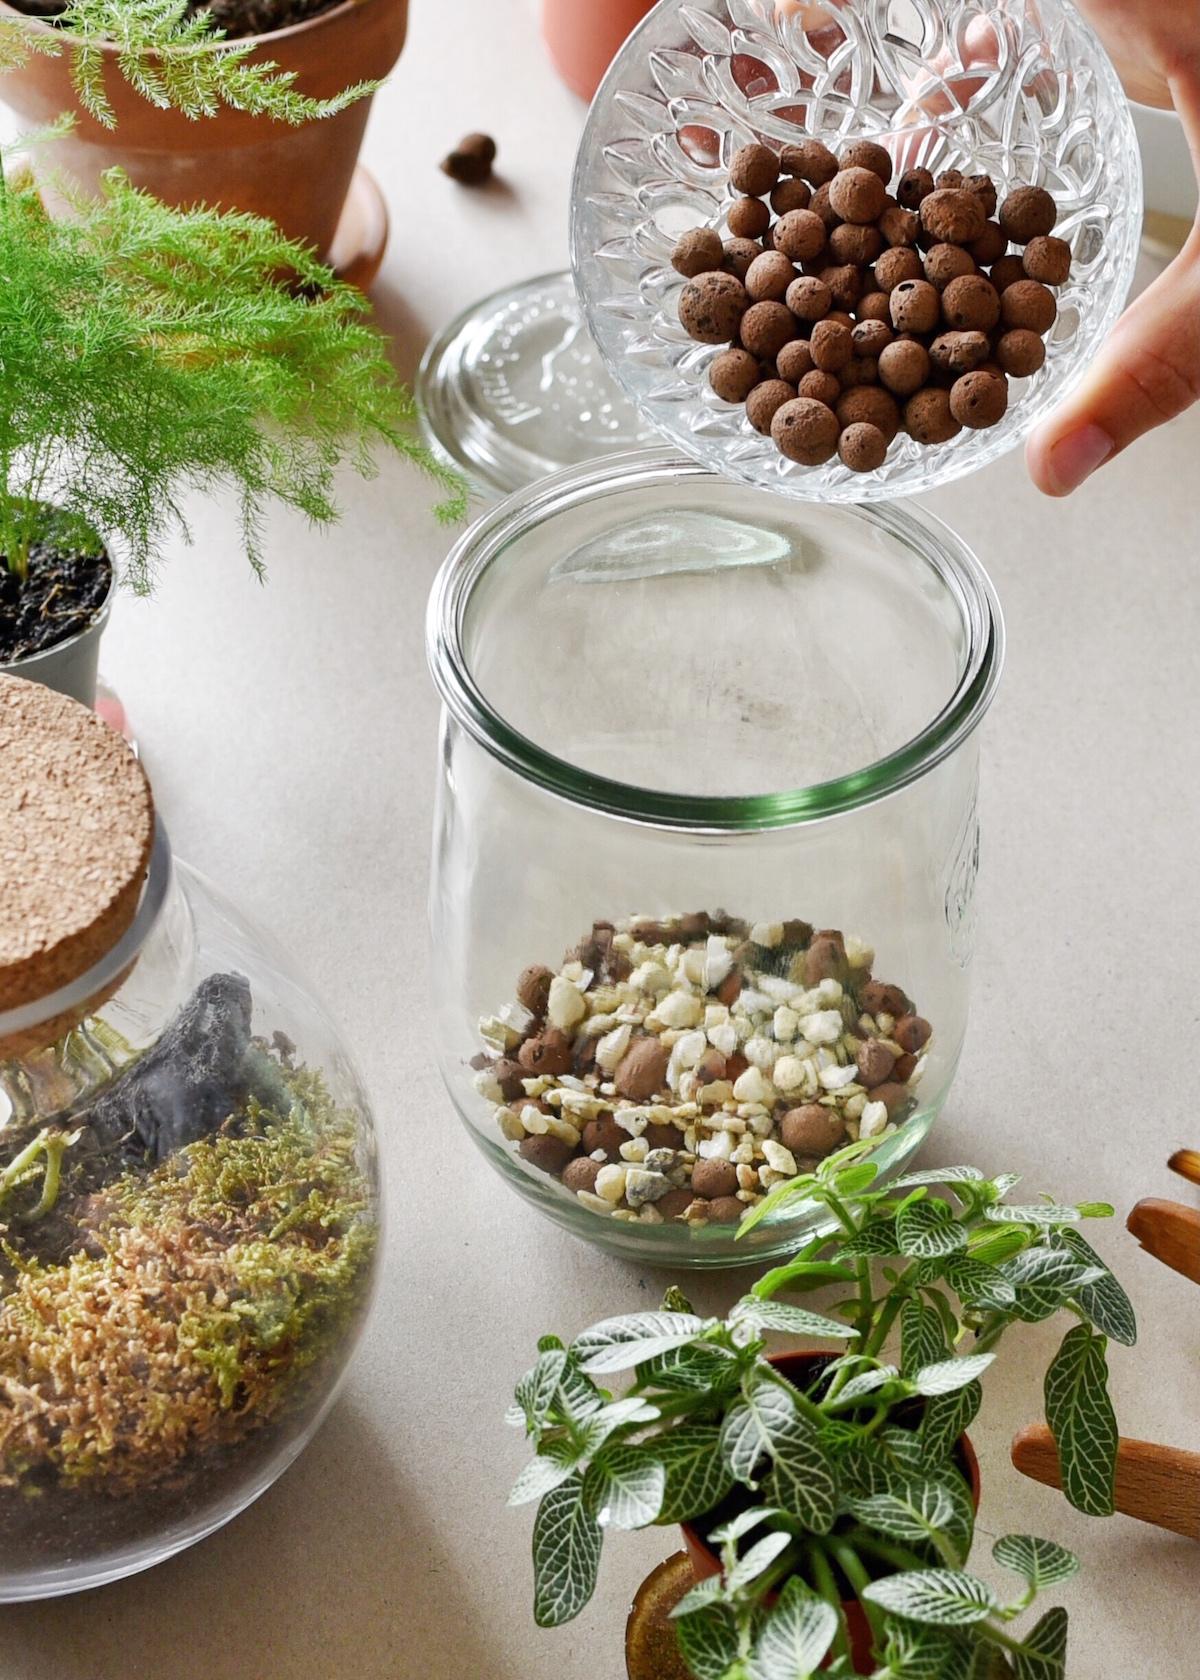 mettre les billes d'argile pour faire un terrarium